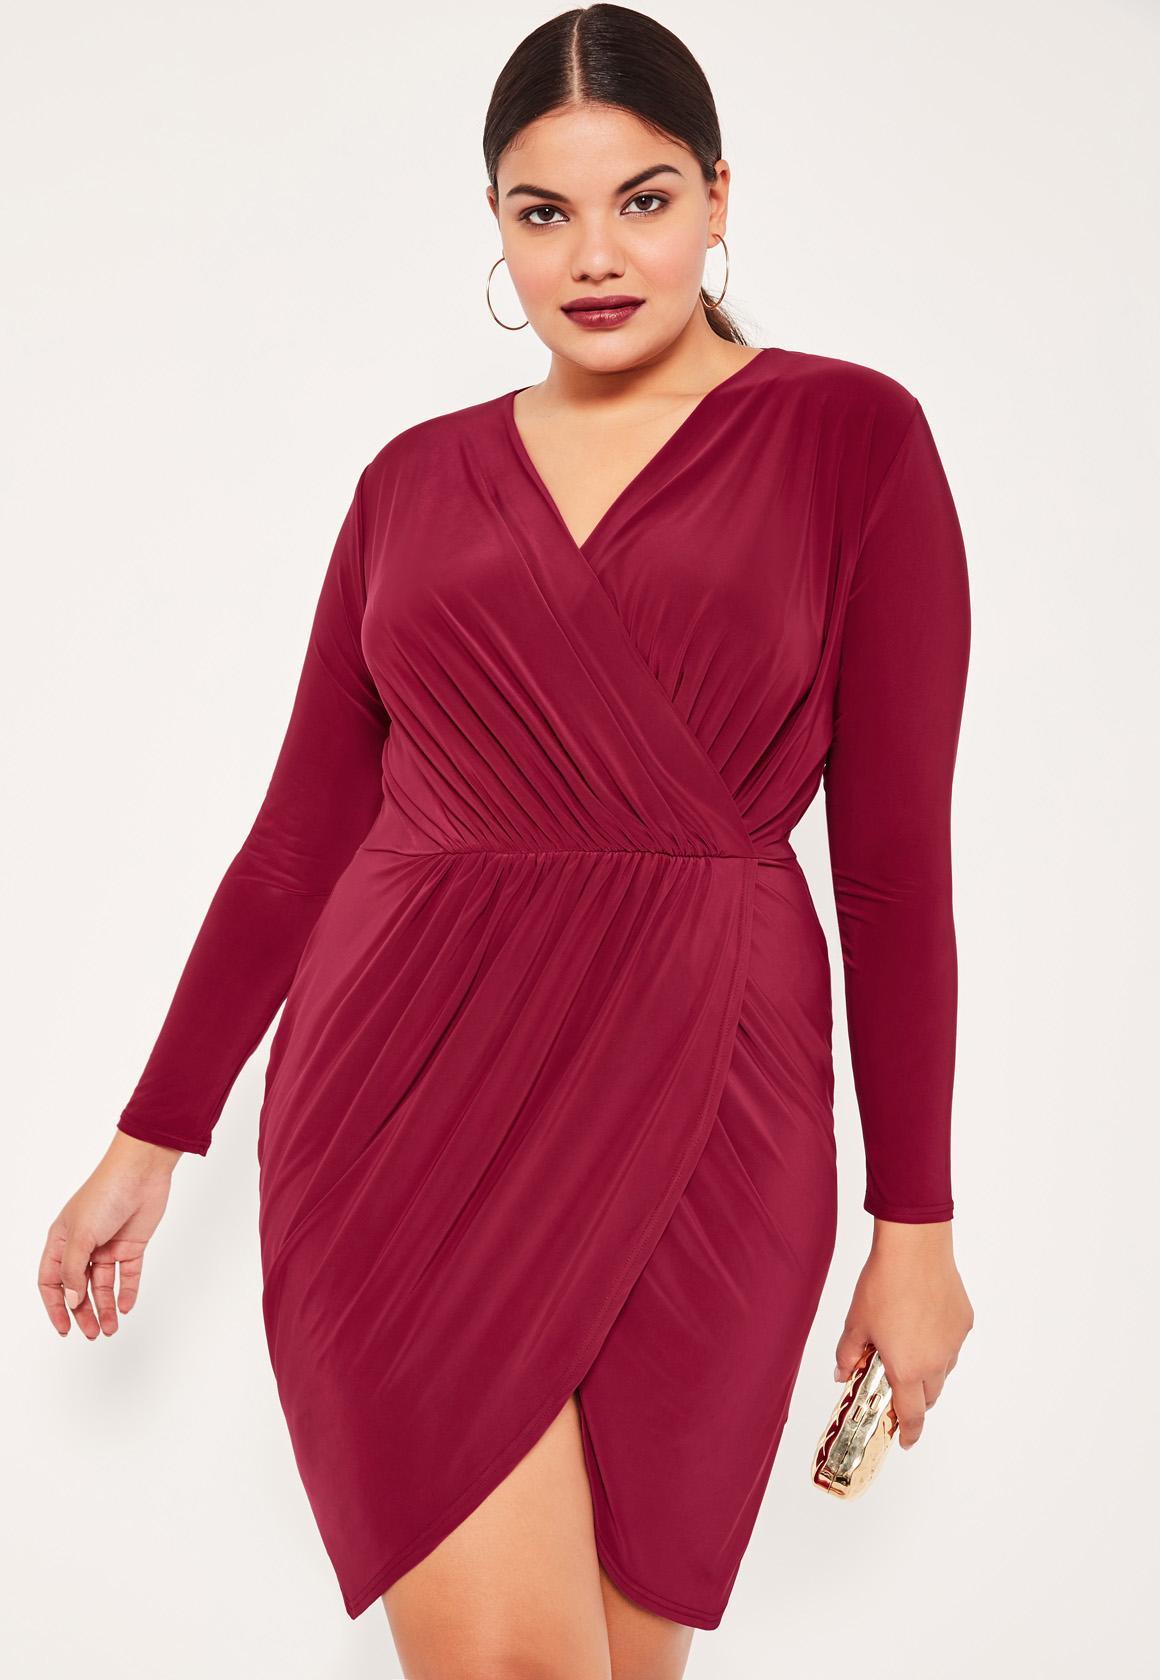 Plus Size Burgundy Slinky Wrap Dress| Missguided